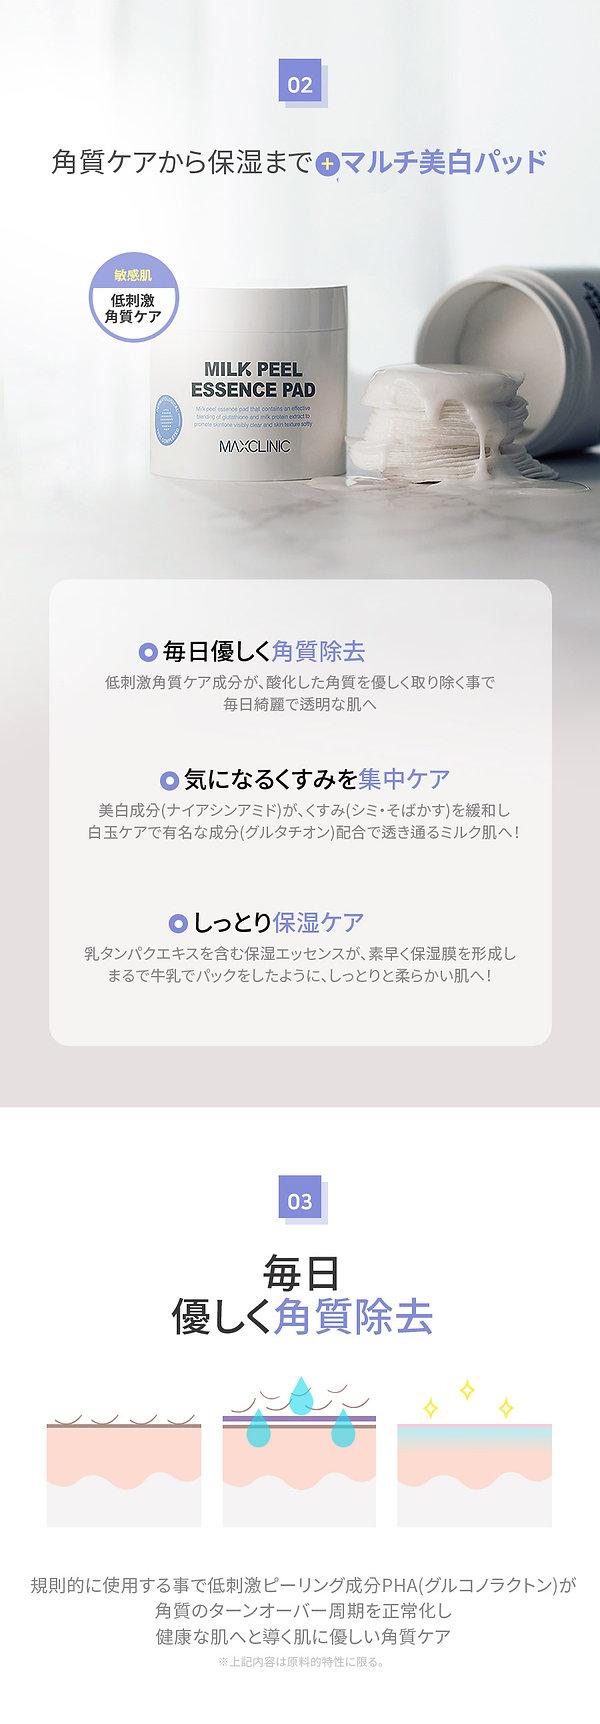 milkpad-(일어-버전)-02.jpg